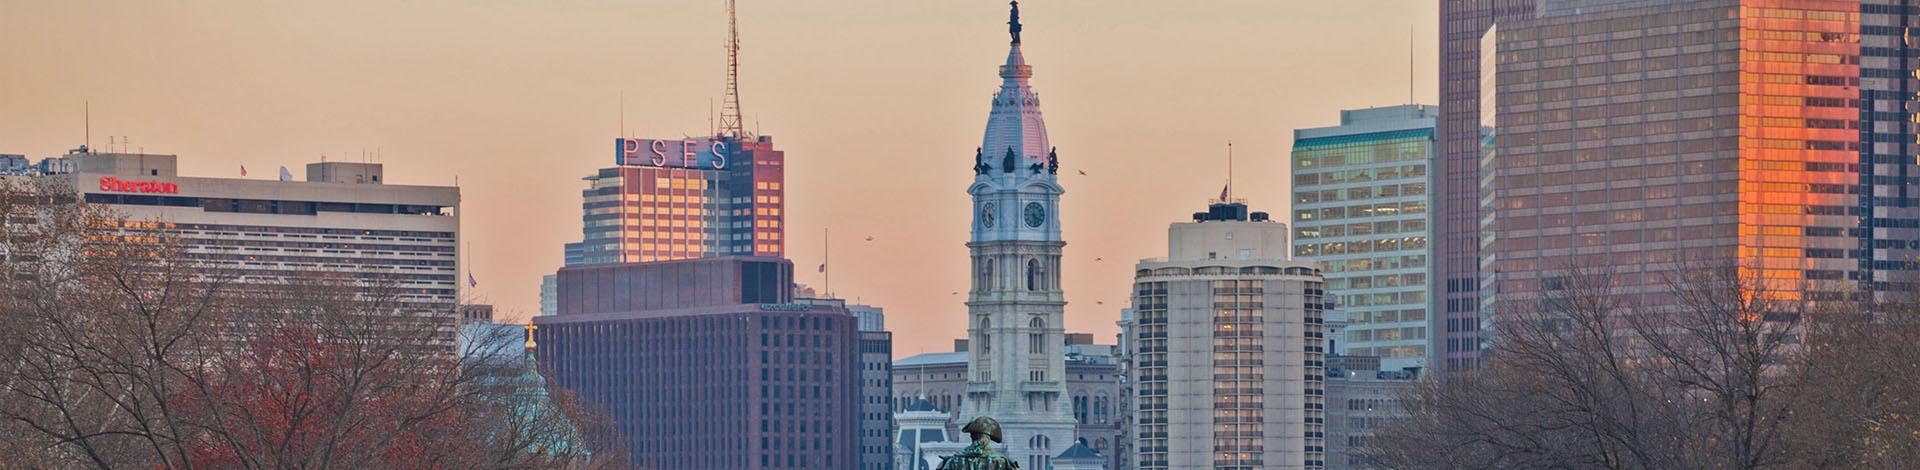 Markets in Philadelphia